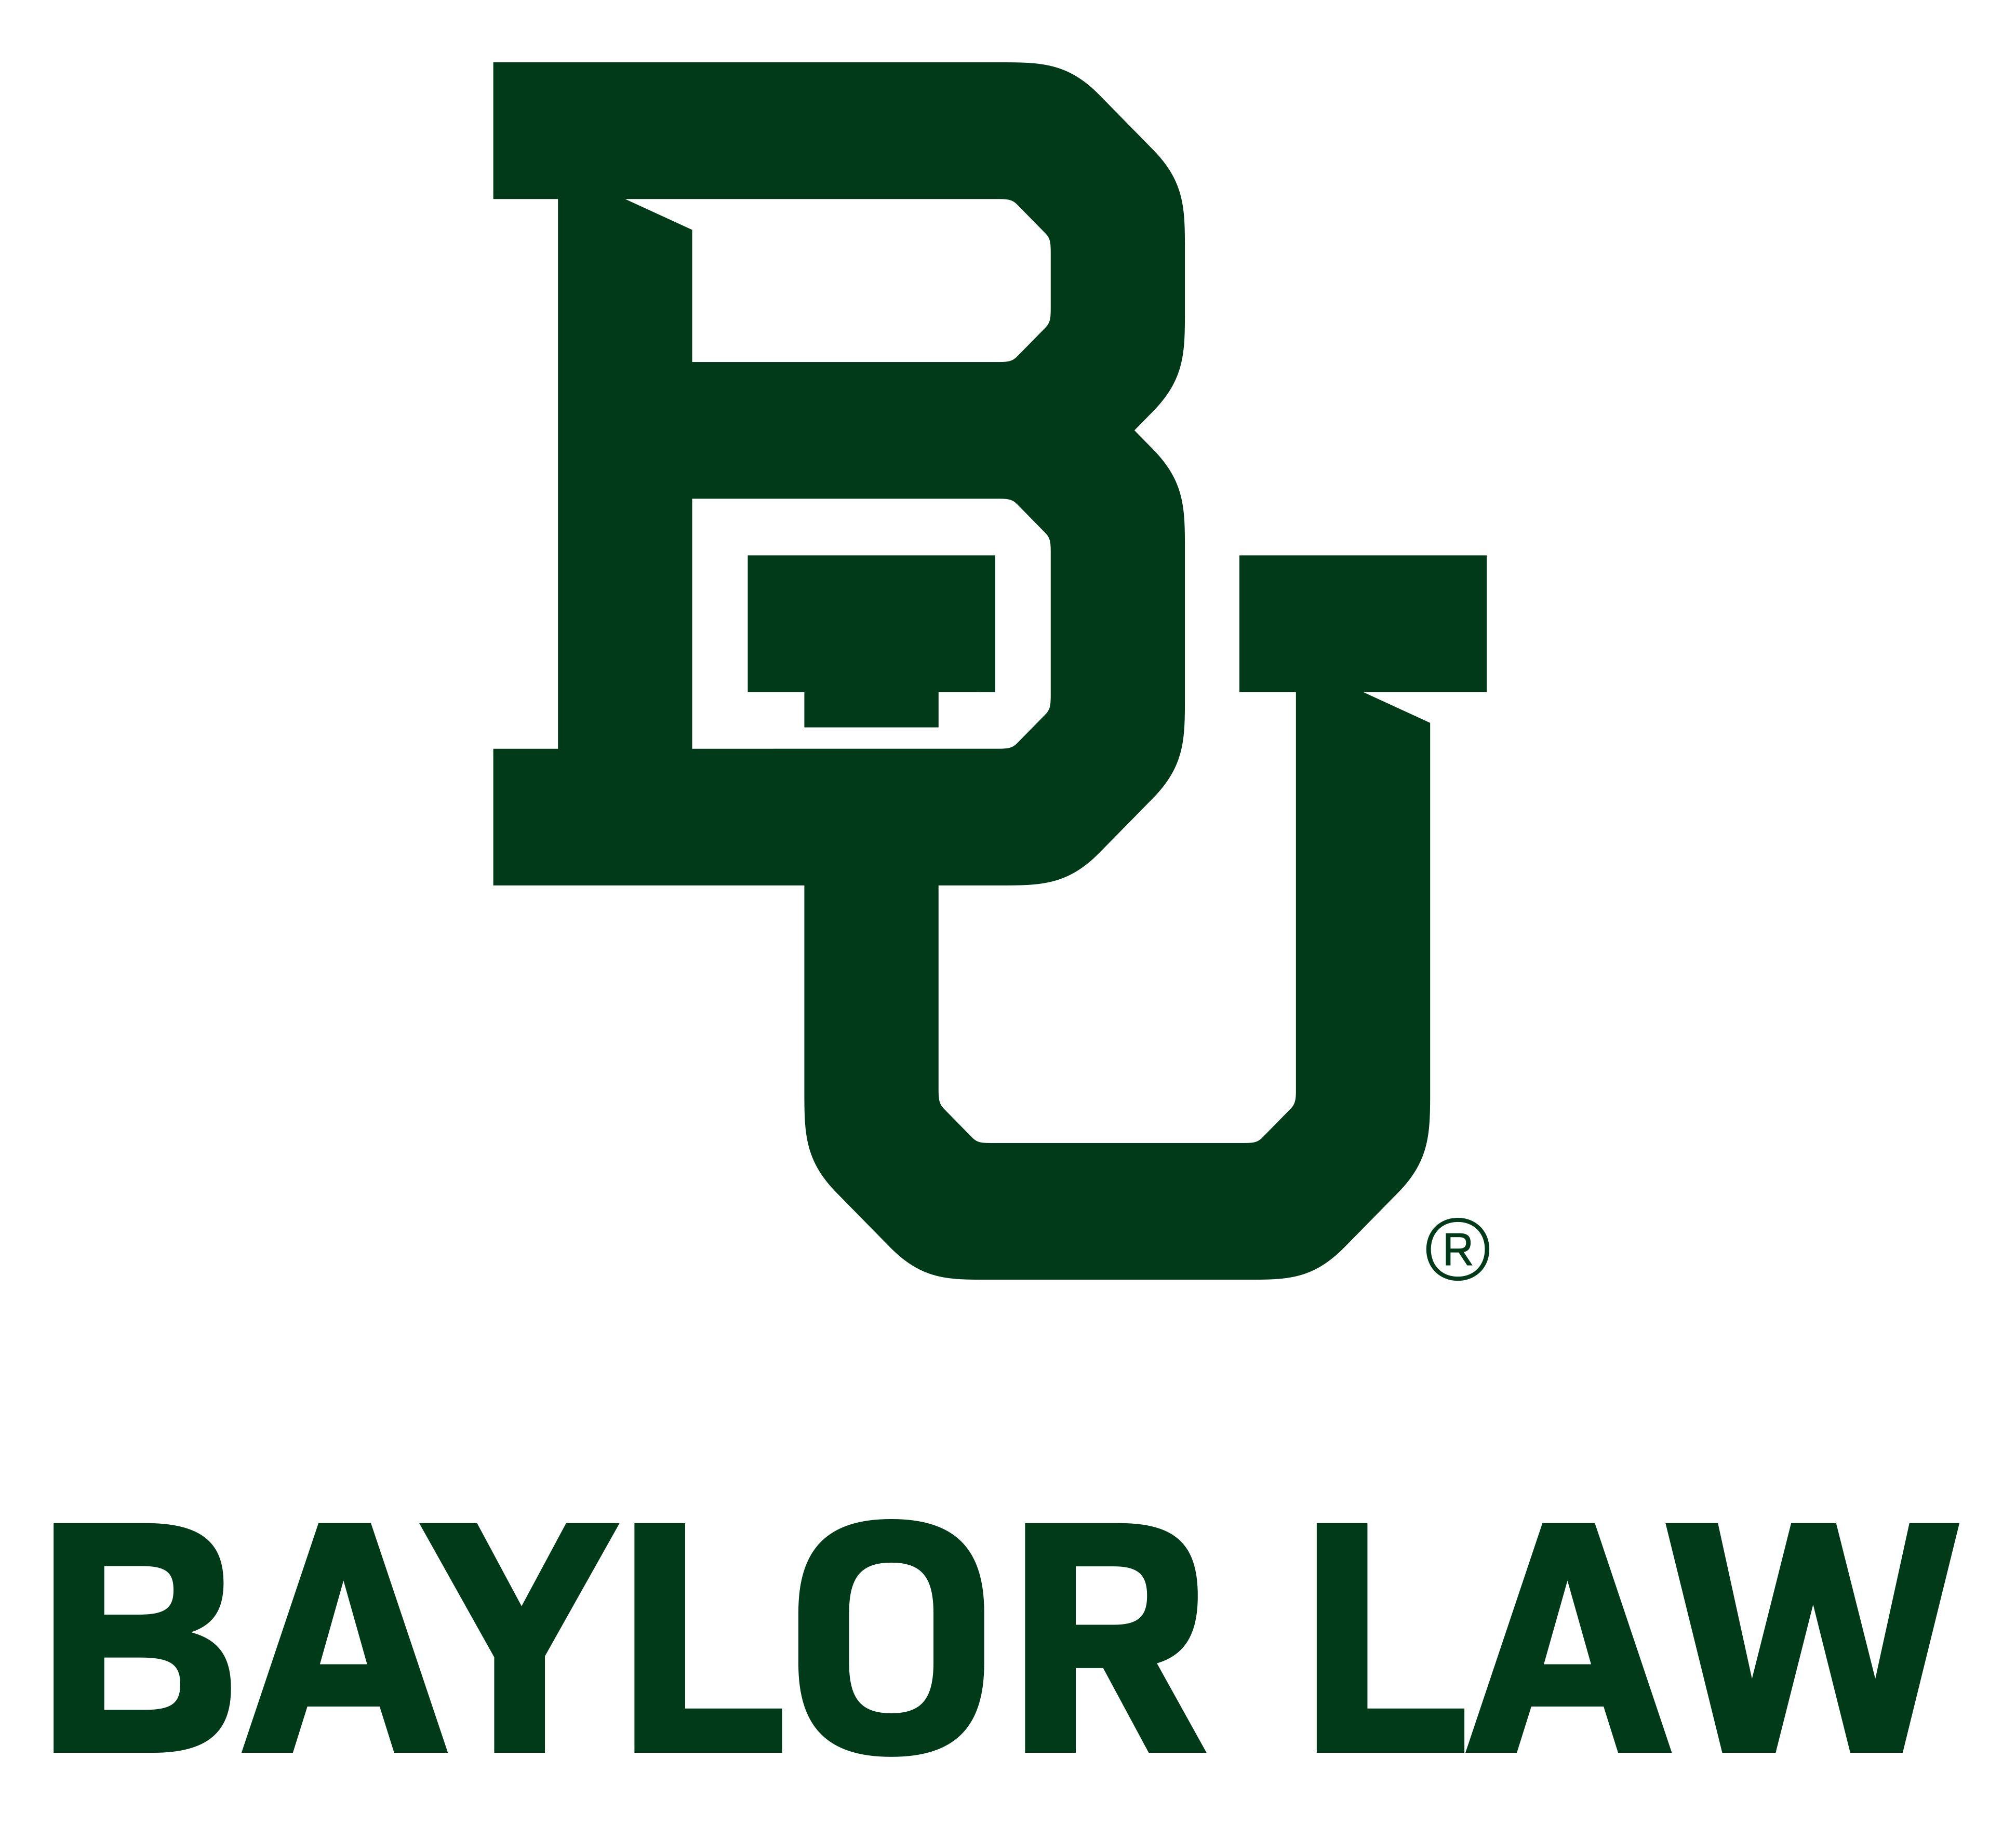 Baylor Law